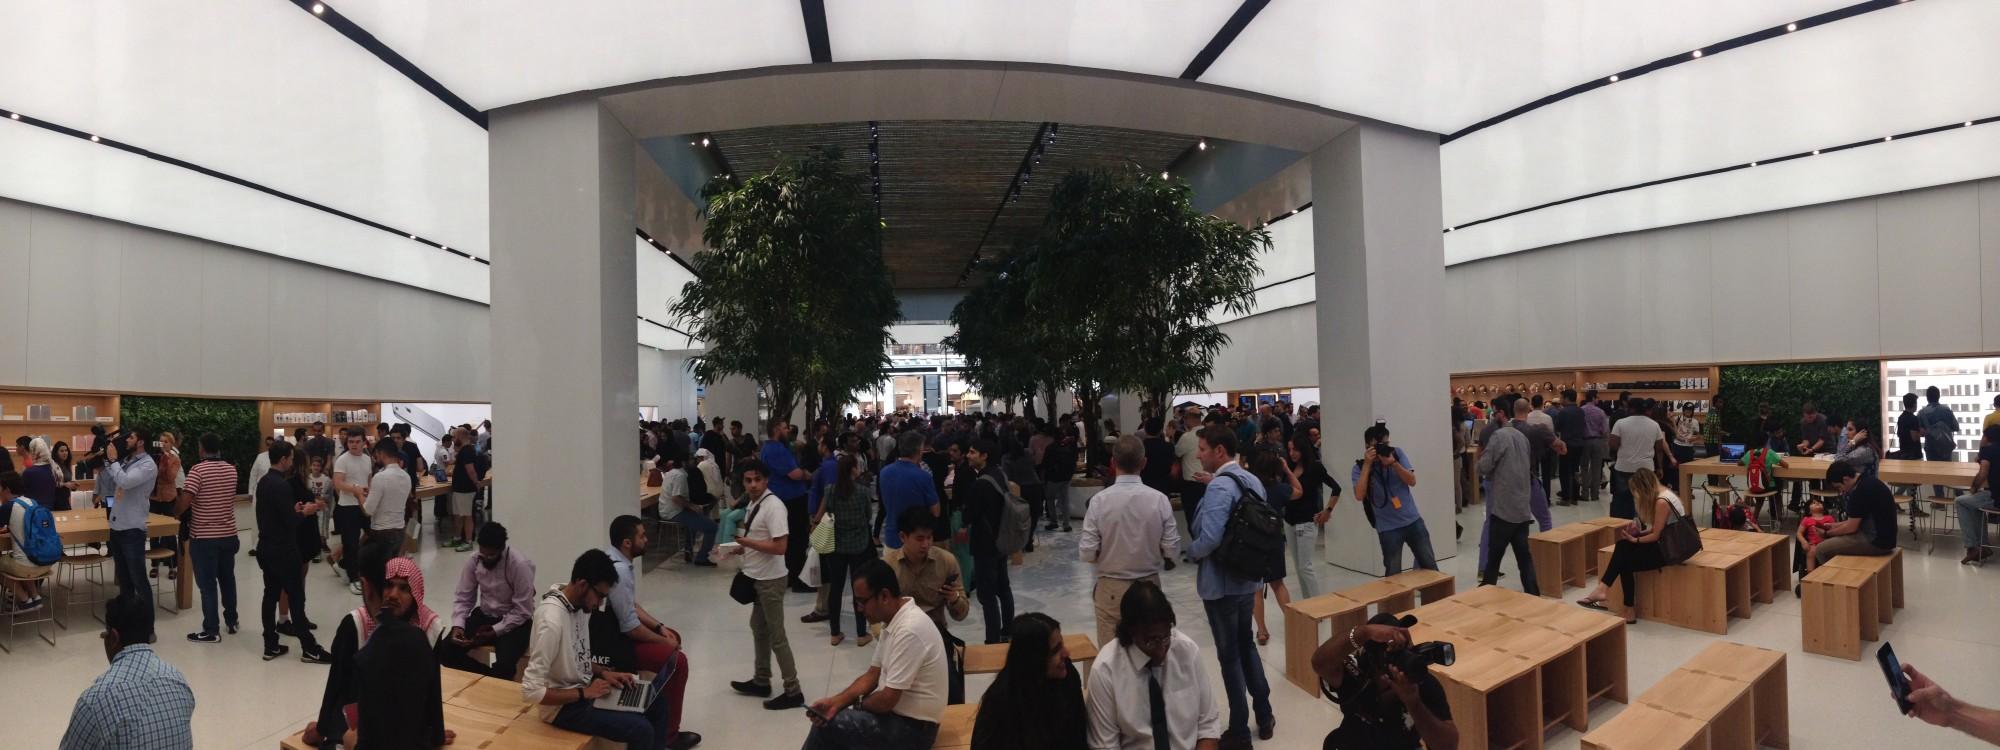 Apple Store UAE